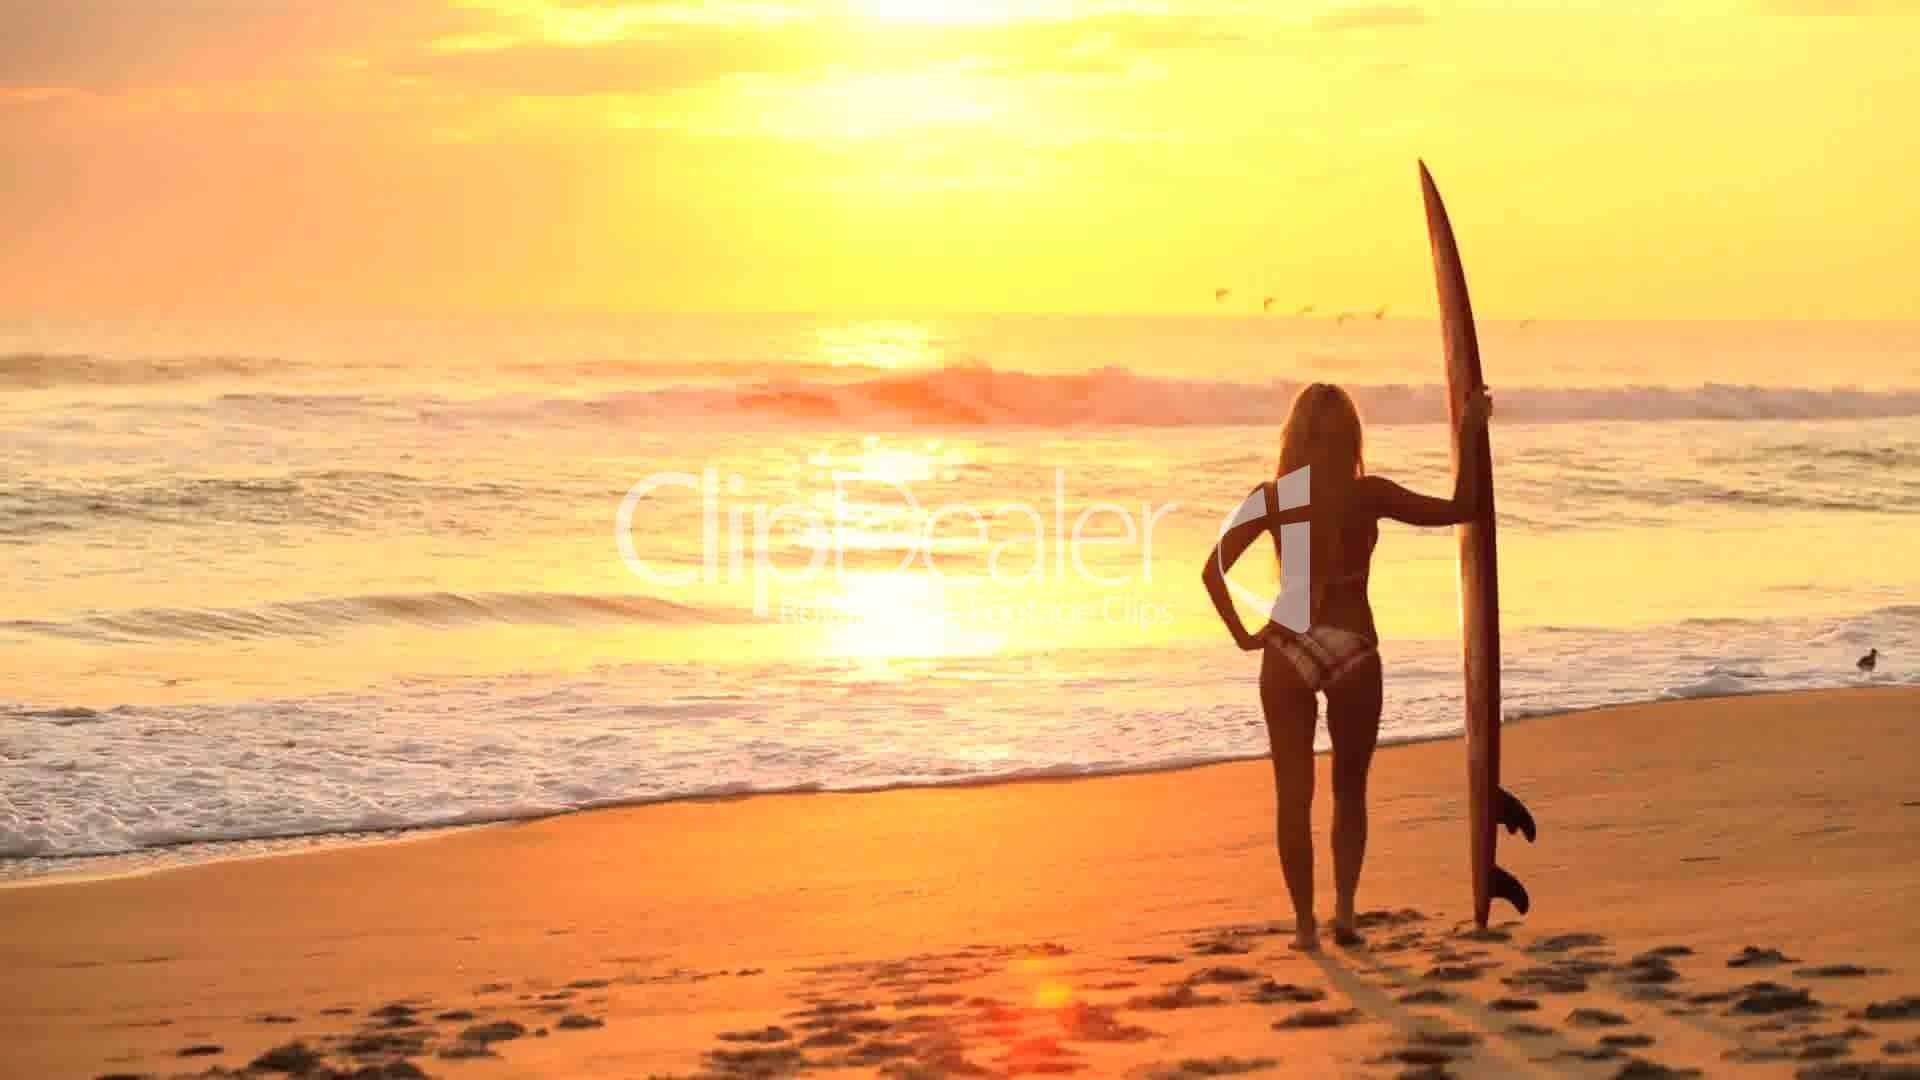 13–934789-Surfer Girl at Sunrise.jpg (1920×1080)